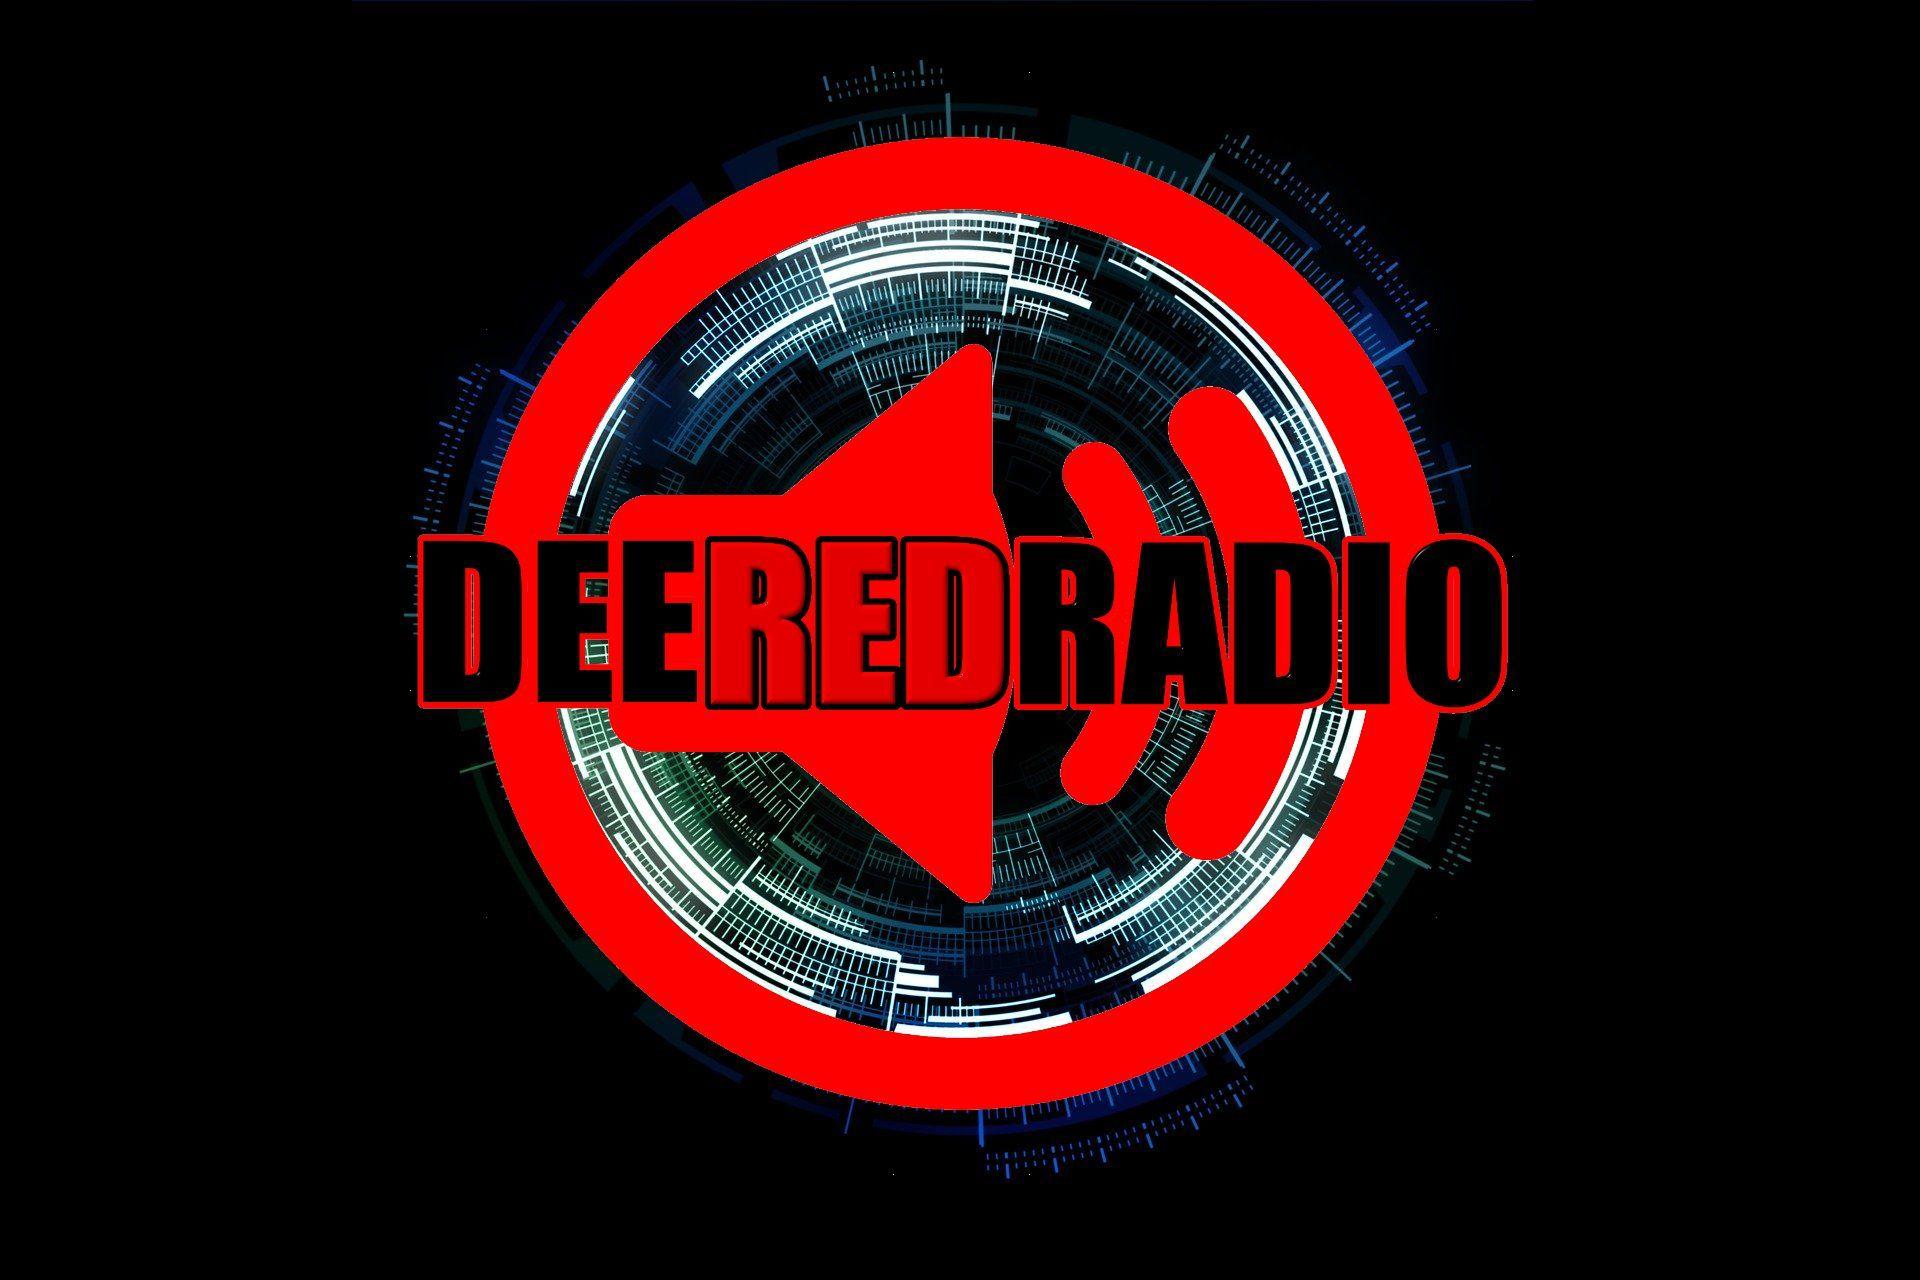 DEEREDRADIO App | DEEREDRADIO